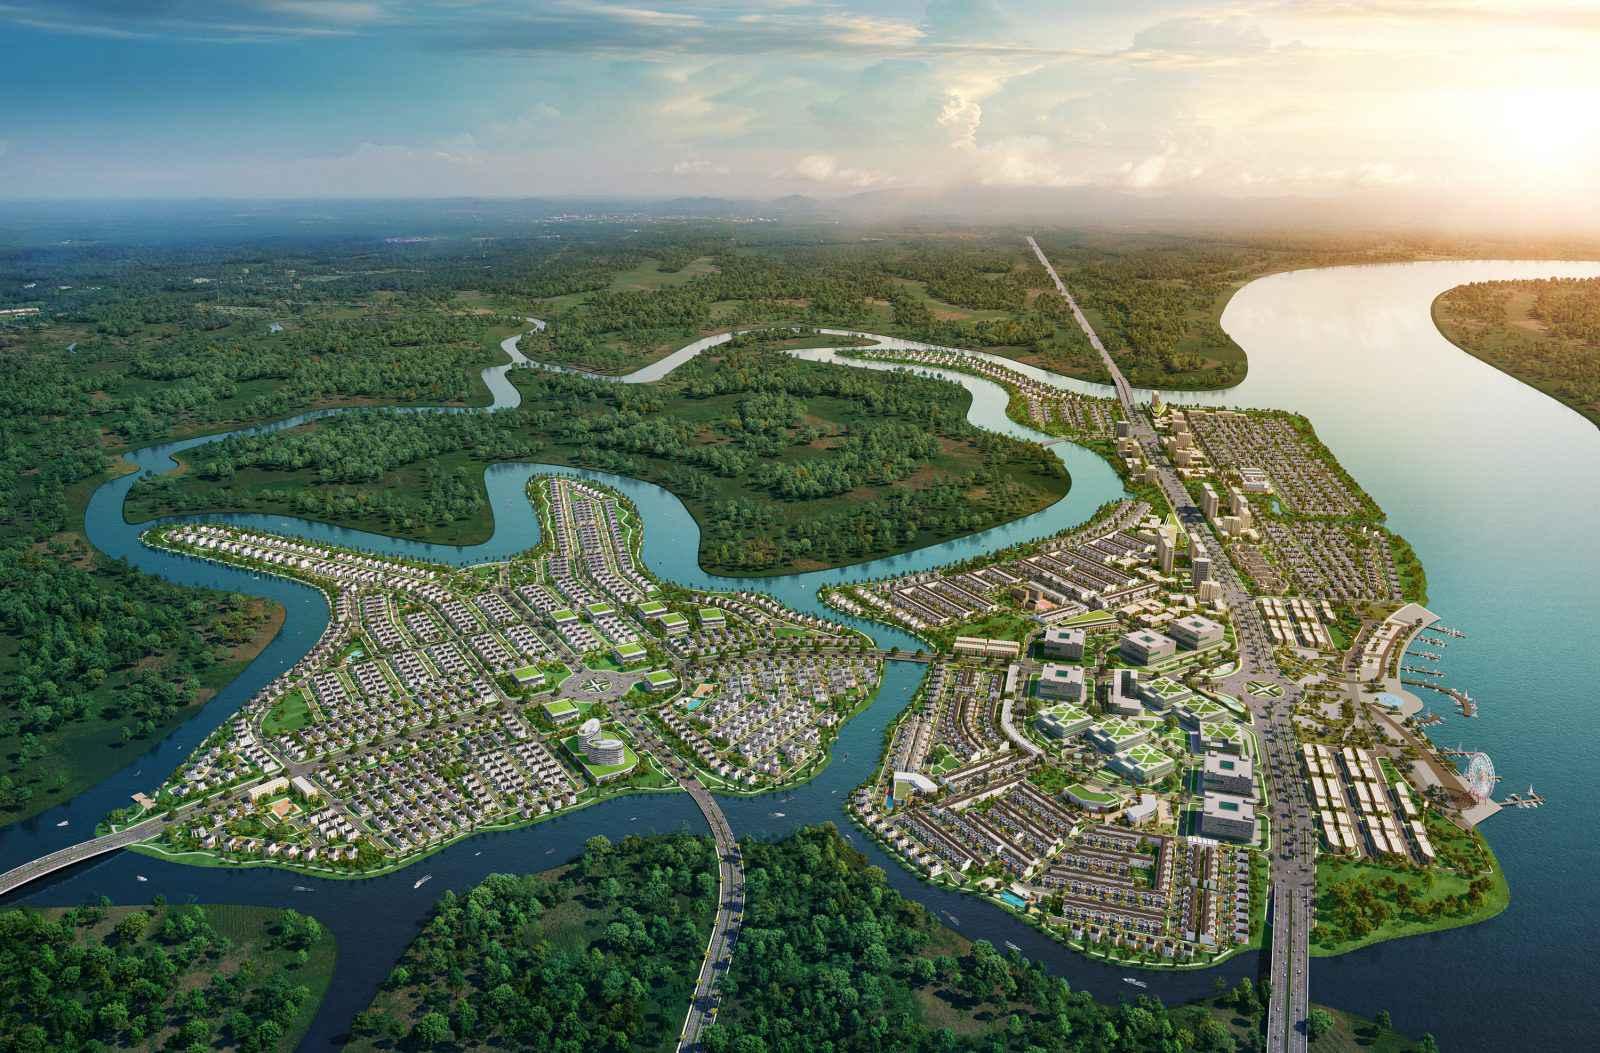 Đô thị Aqua City với không gian xanh sang trọng